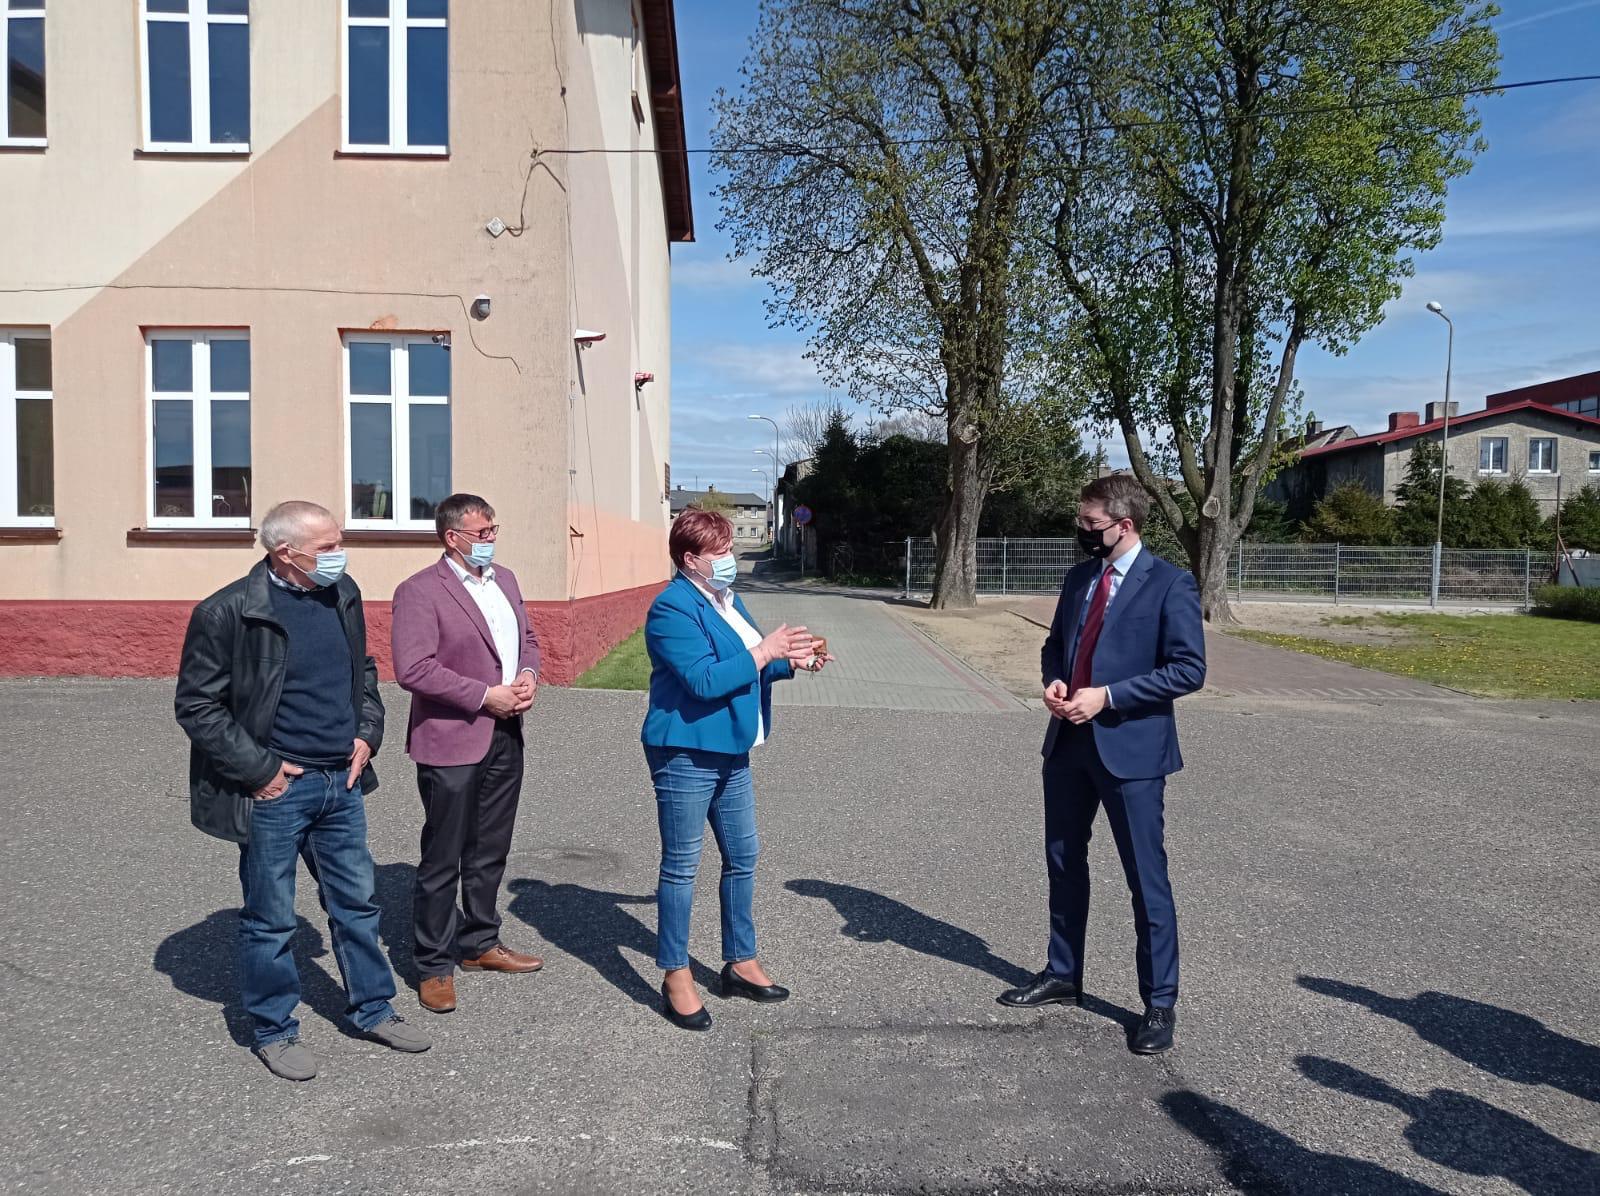 Odwiedziłem m.in.: Gminę Główczyce. Spotkałem się tam m.in. z wójt gminy, przewodniczącym rady gminy i radnym gminy.